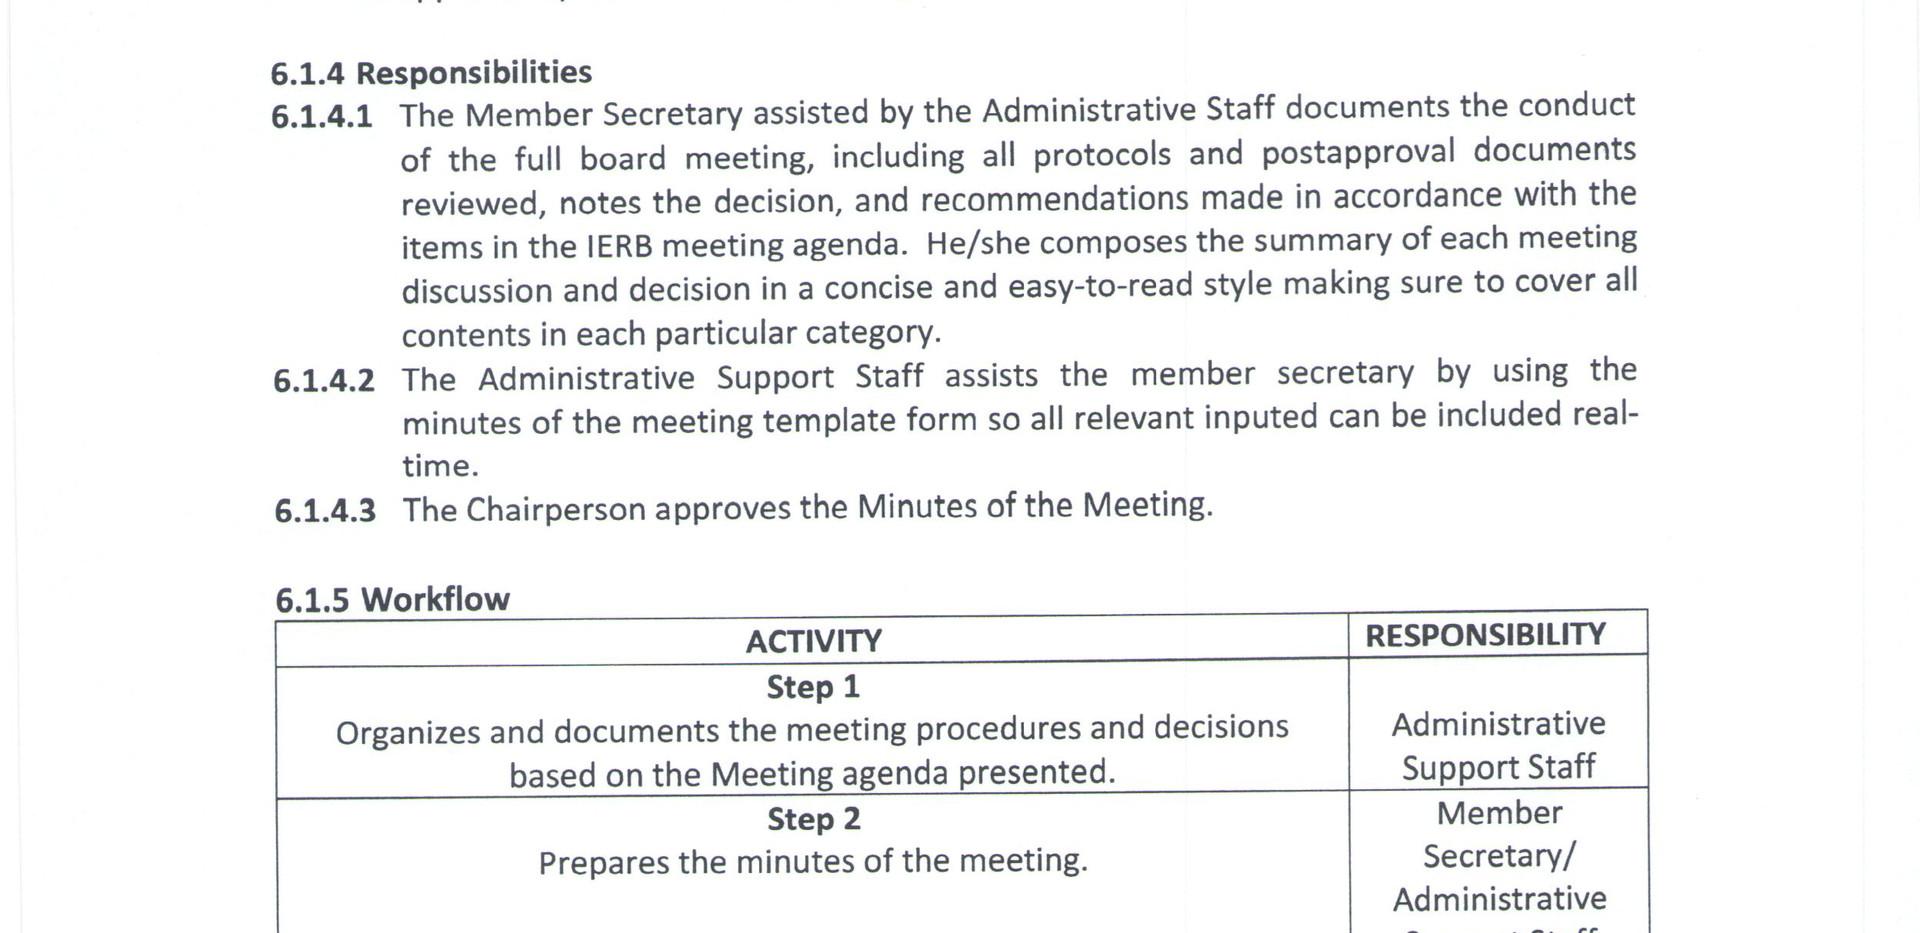 Preparation of Meeting Minutes 1.jpg